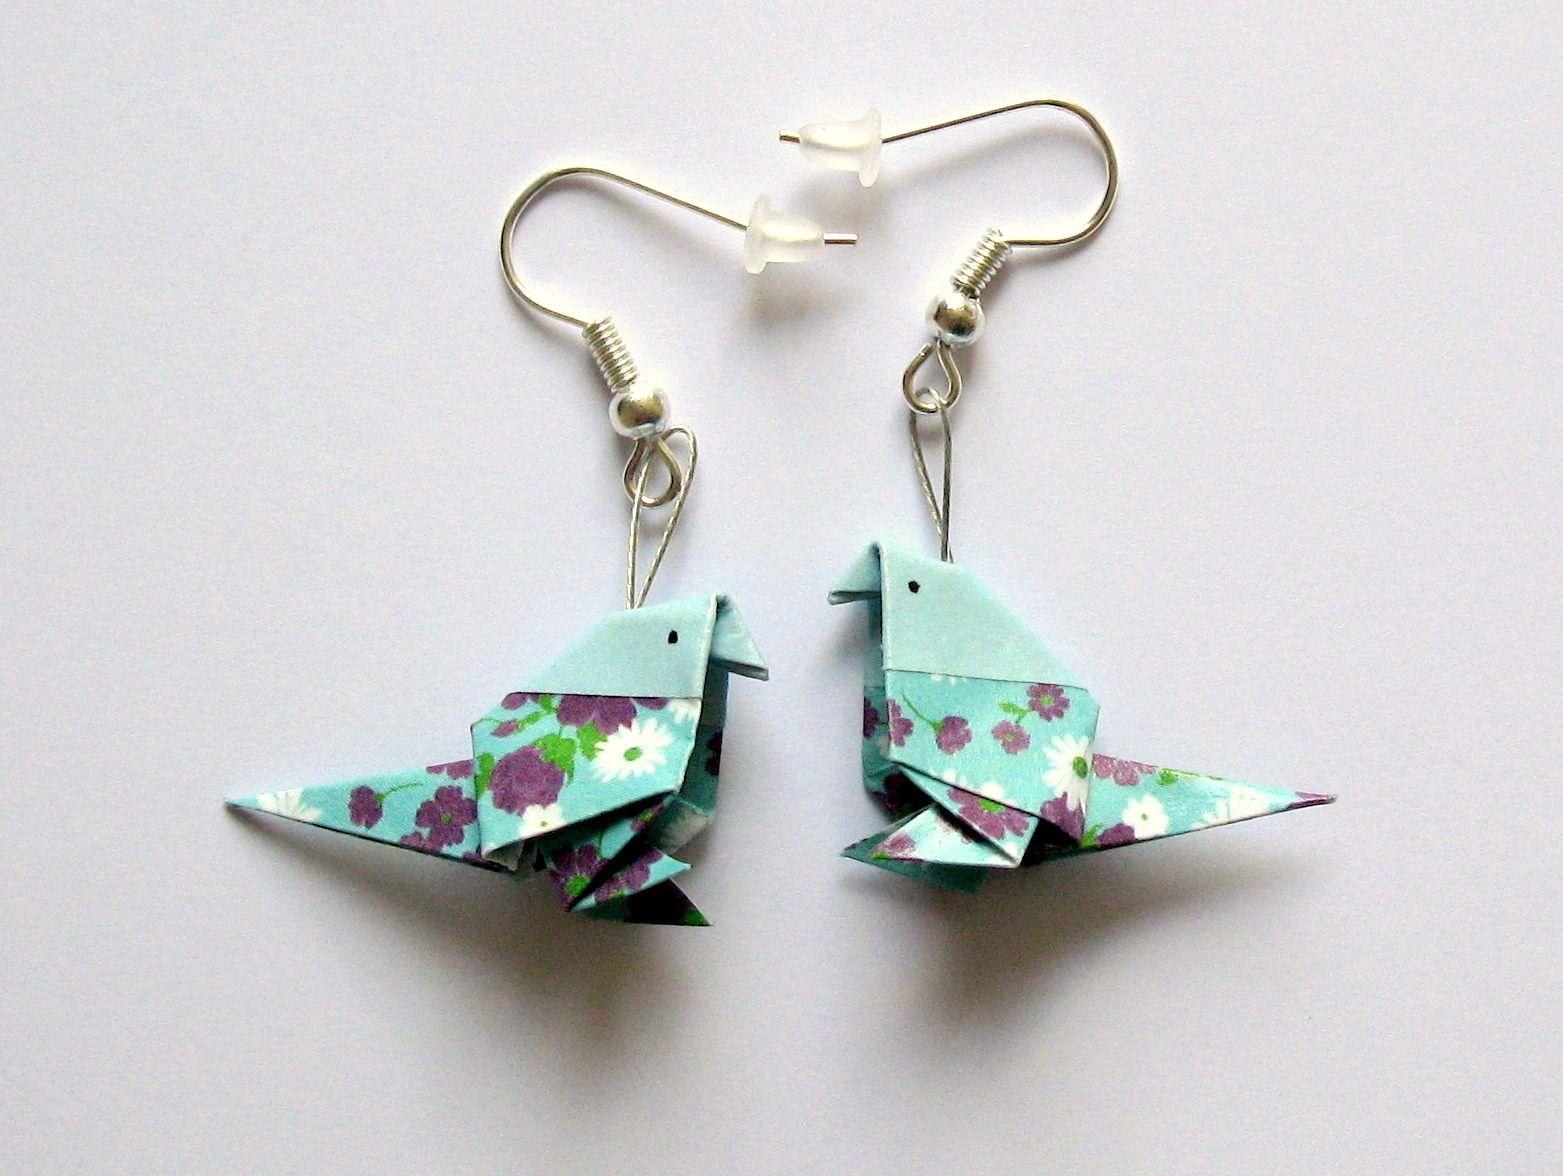 fabriquer boucle d oreille origami bijoux la mode. Black Bedroom Furniture Sets. Home Design Ideas